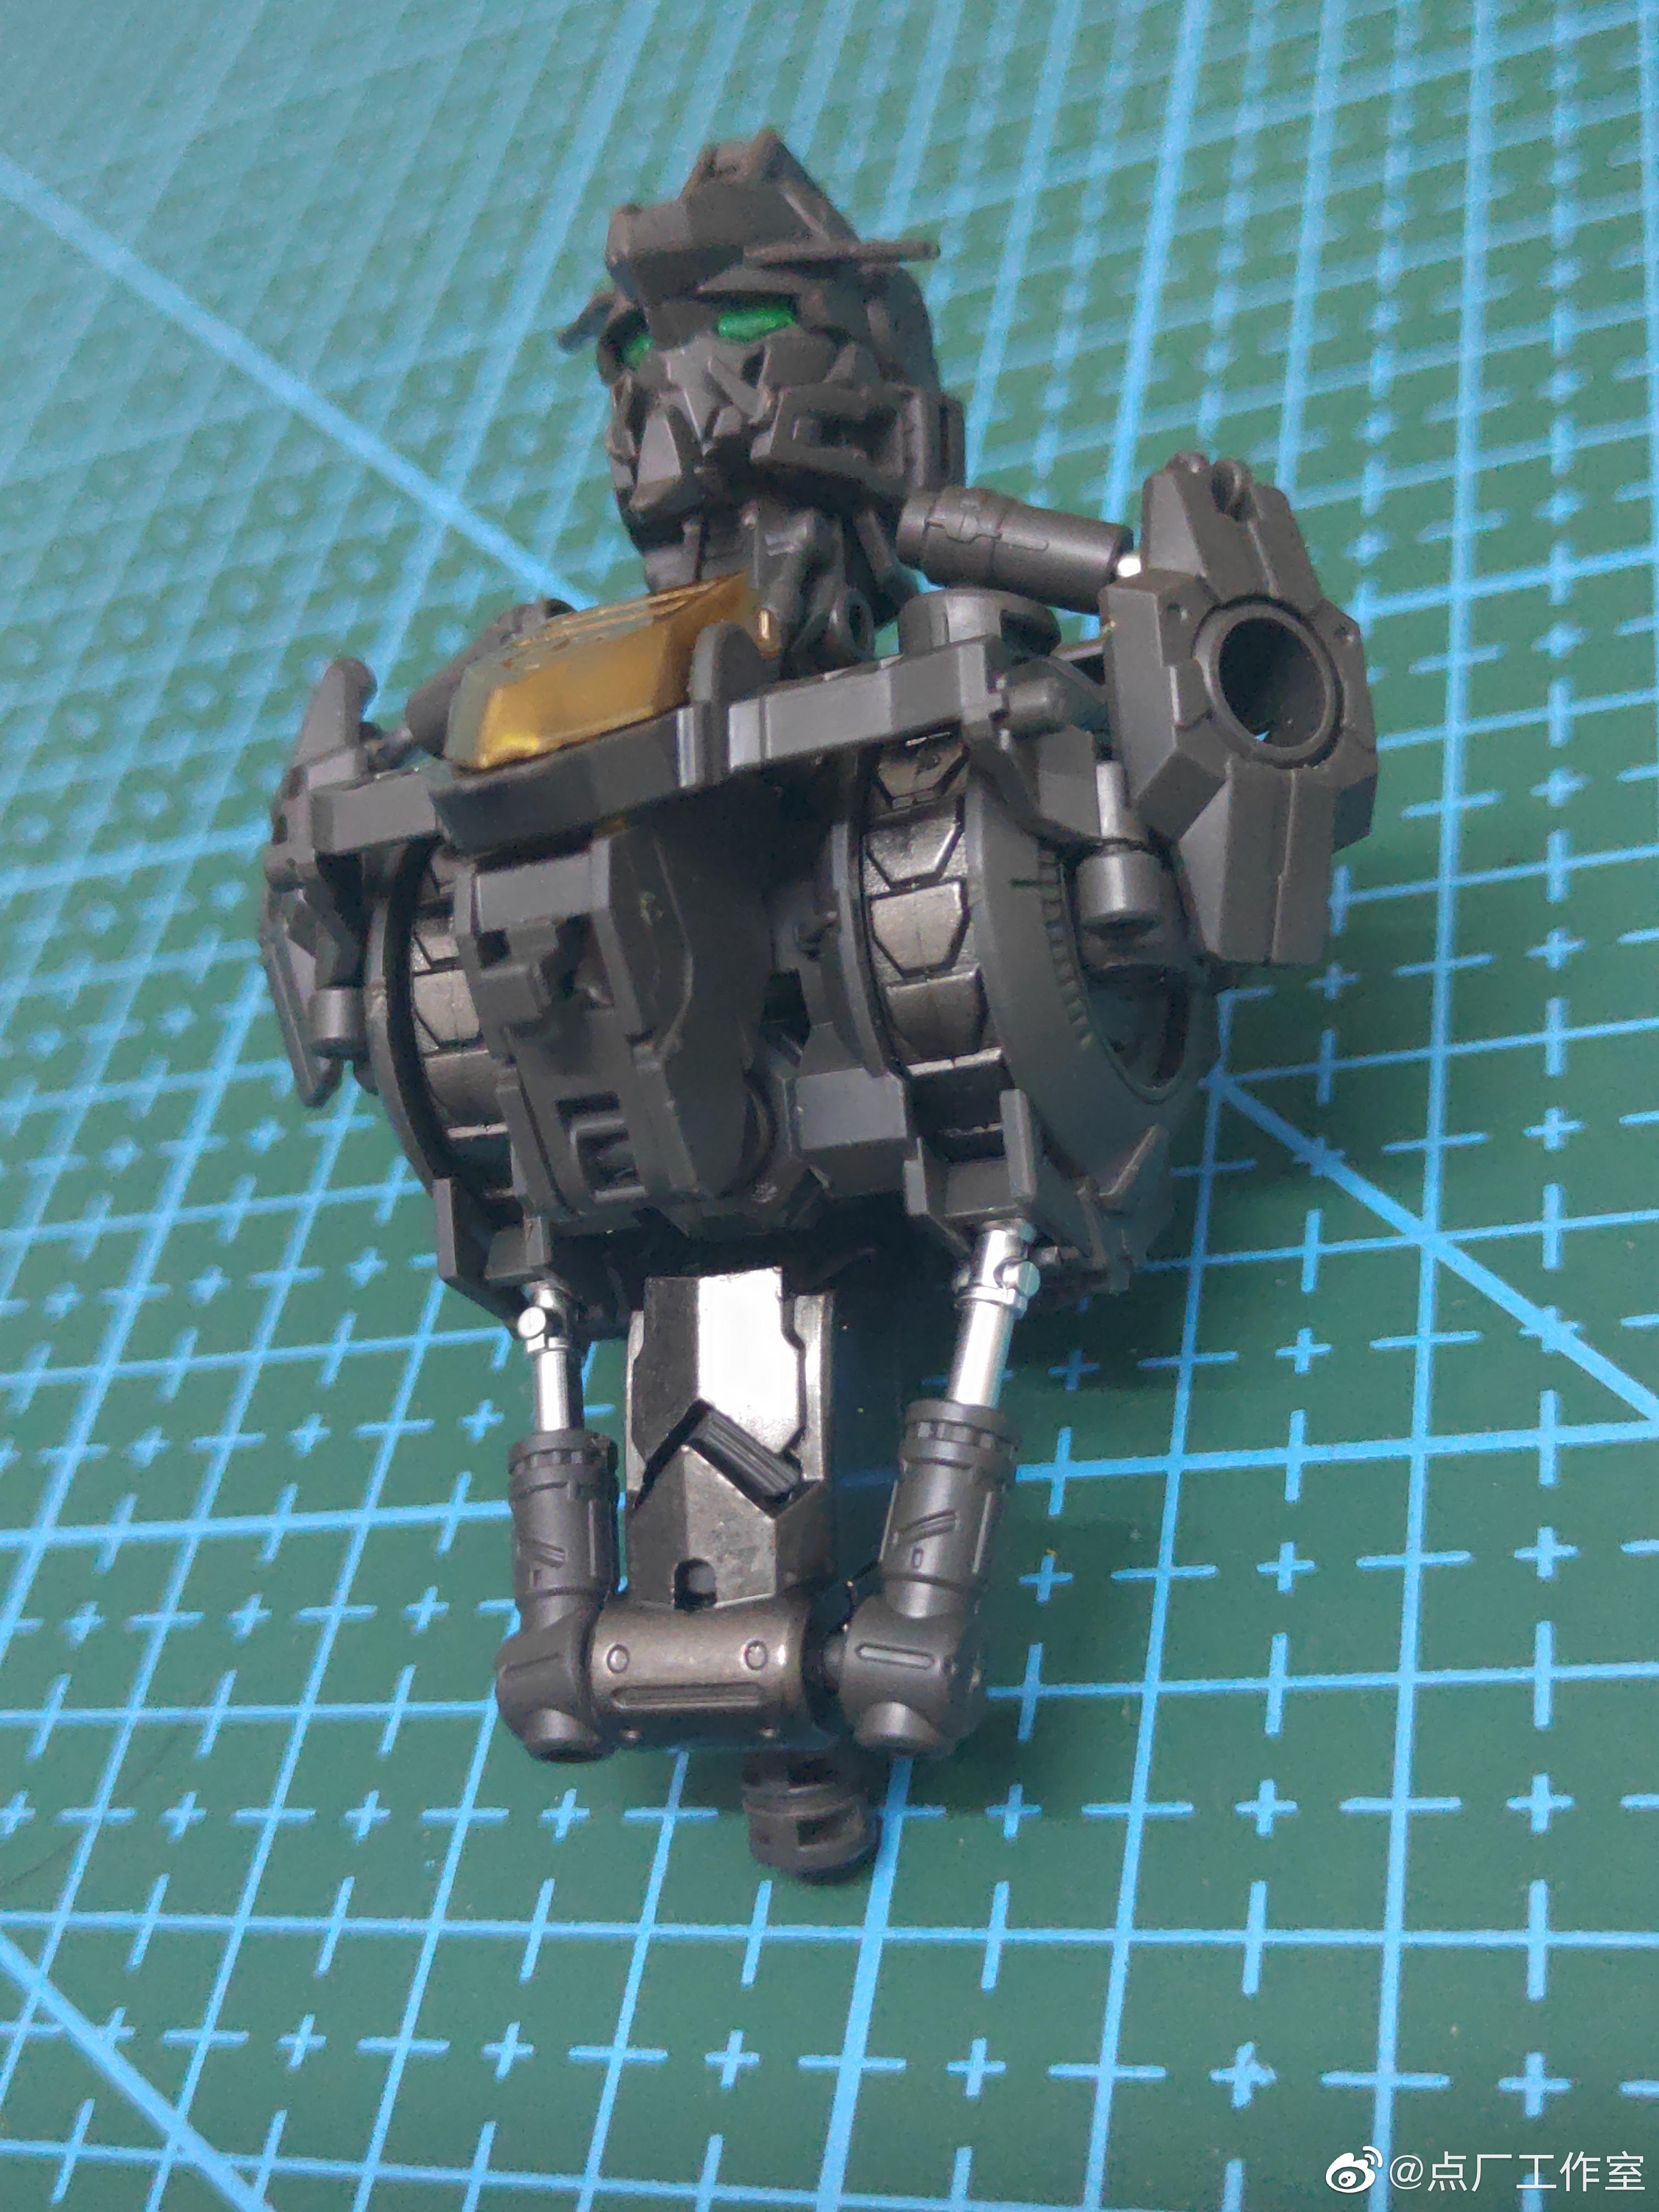 M103_mg_barbatos_metal_frame_parts_set_012.jpg